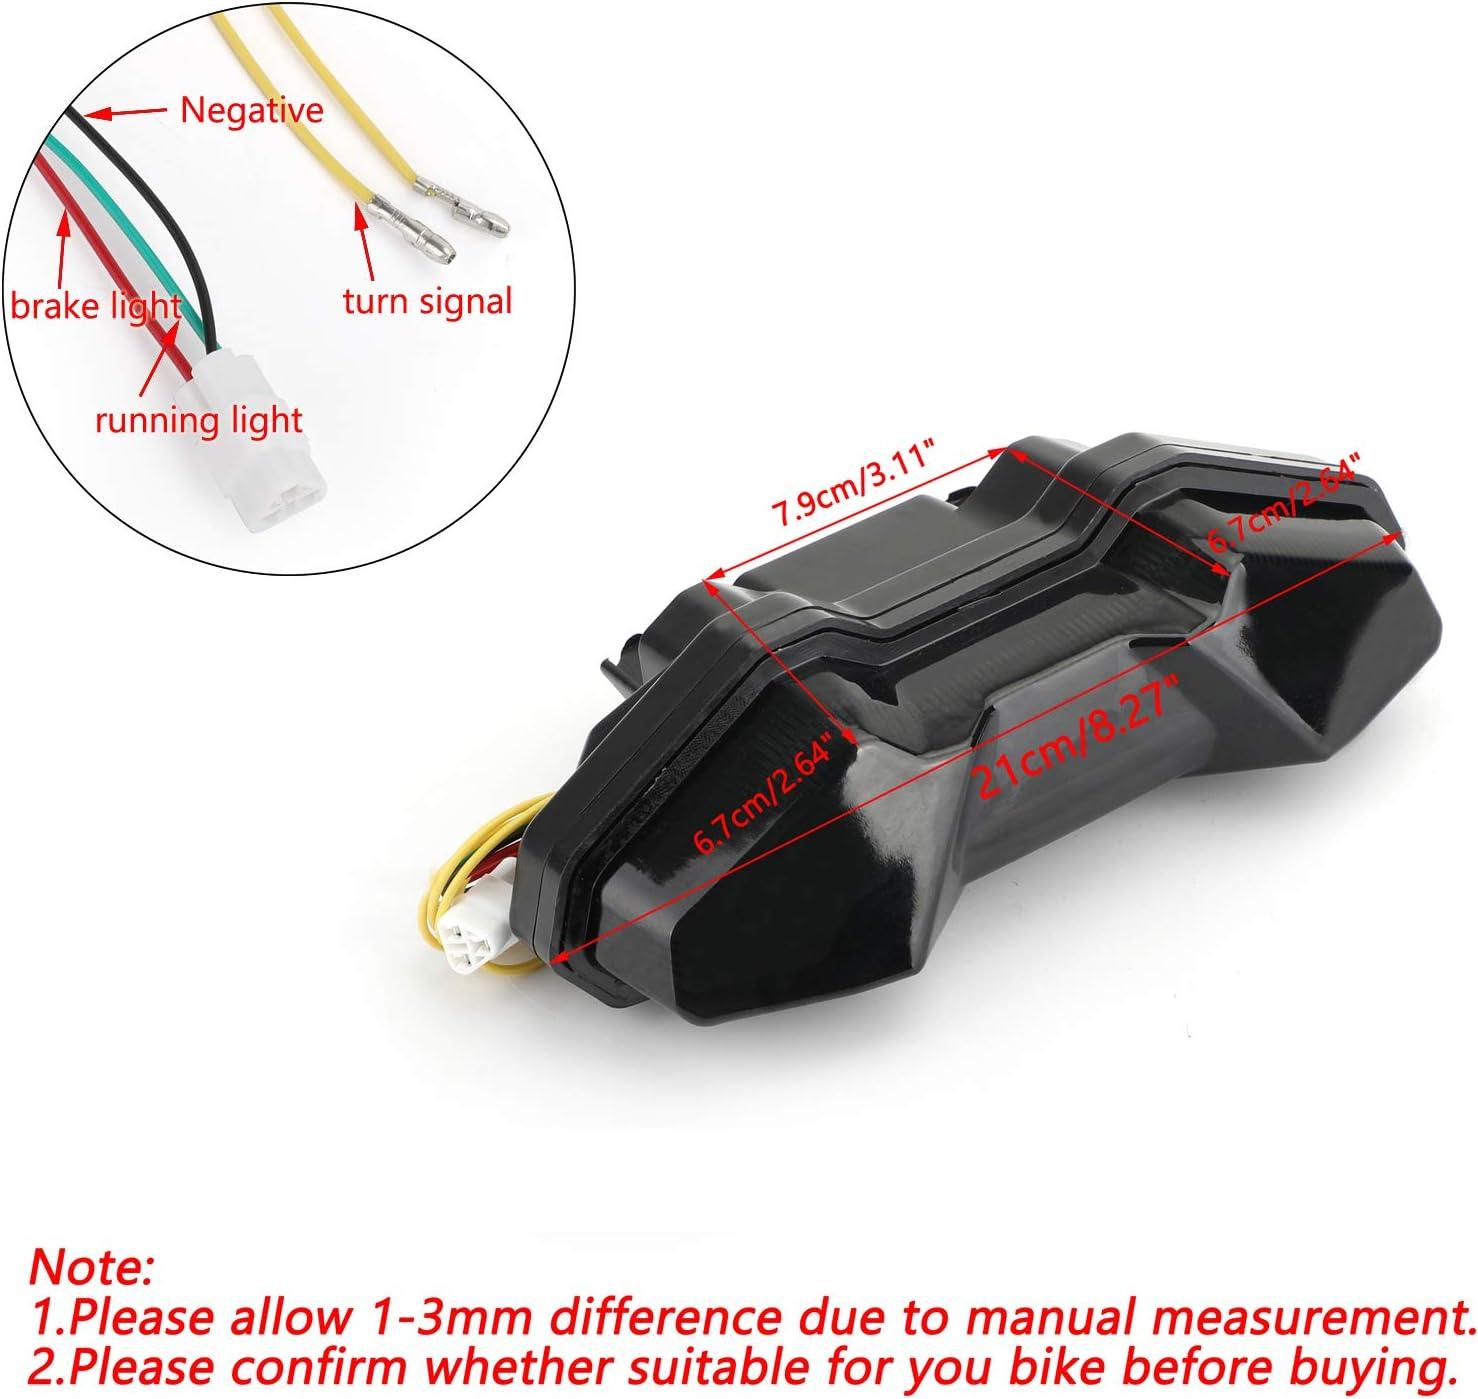 luces traseras de freno para Yamaha FJ09 Tracer 900 2015-2018 indicadores luz de se/ñal intermitentes Artudatech Luz trasera para motocicleta